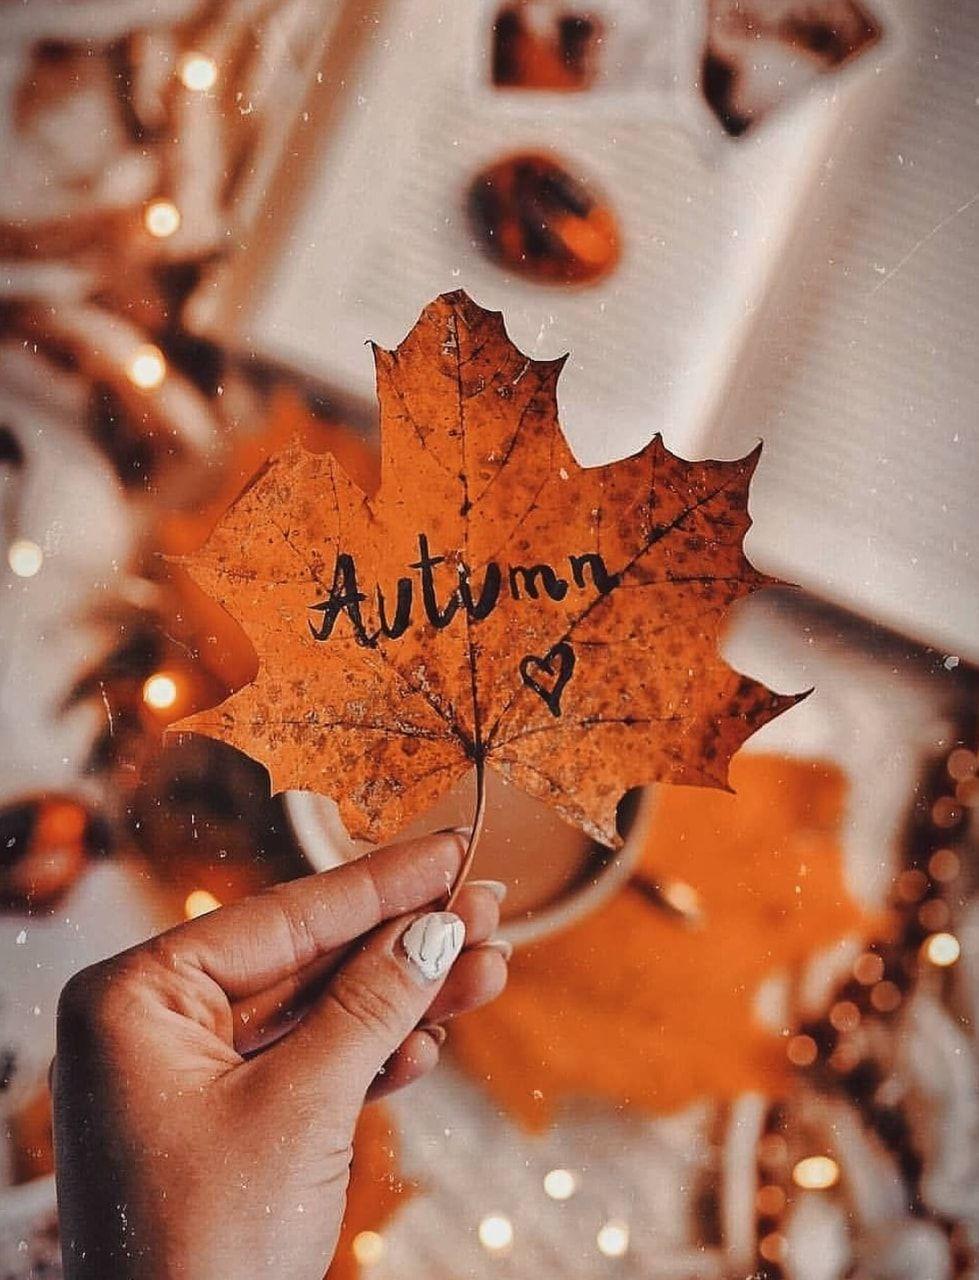 Autumn ♥ uploaded by ₛₕᵢfₐ on We Heart It